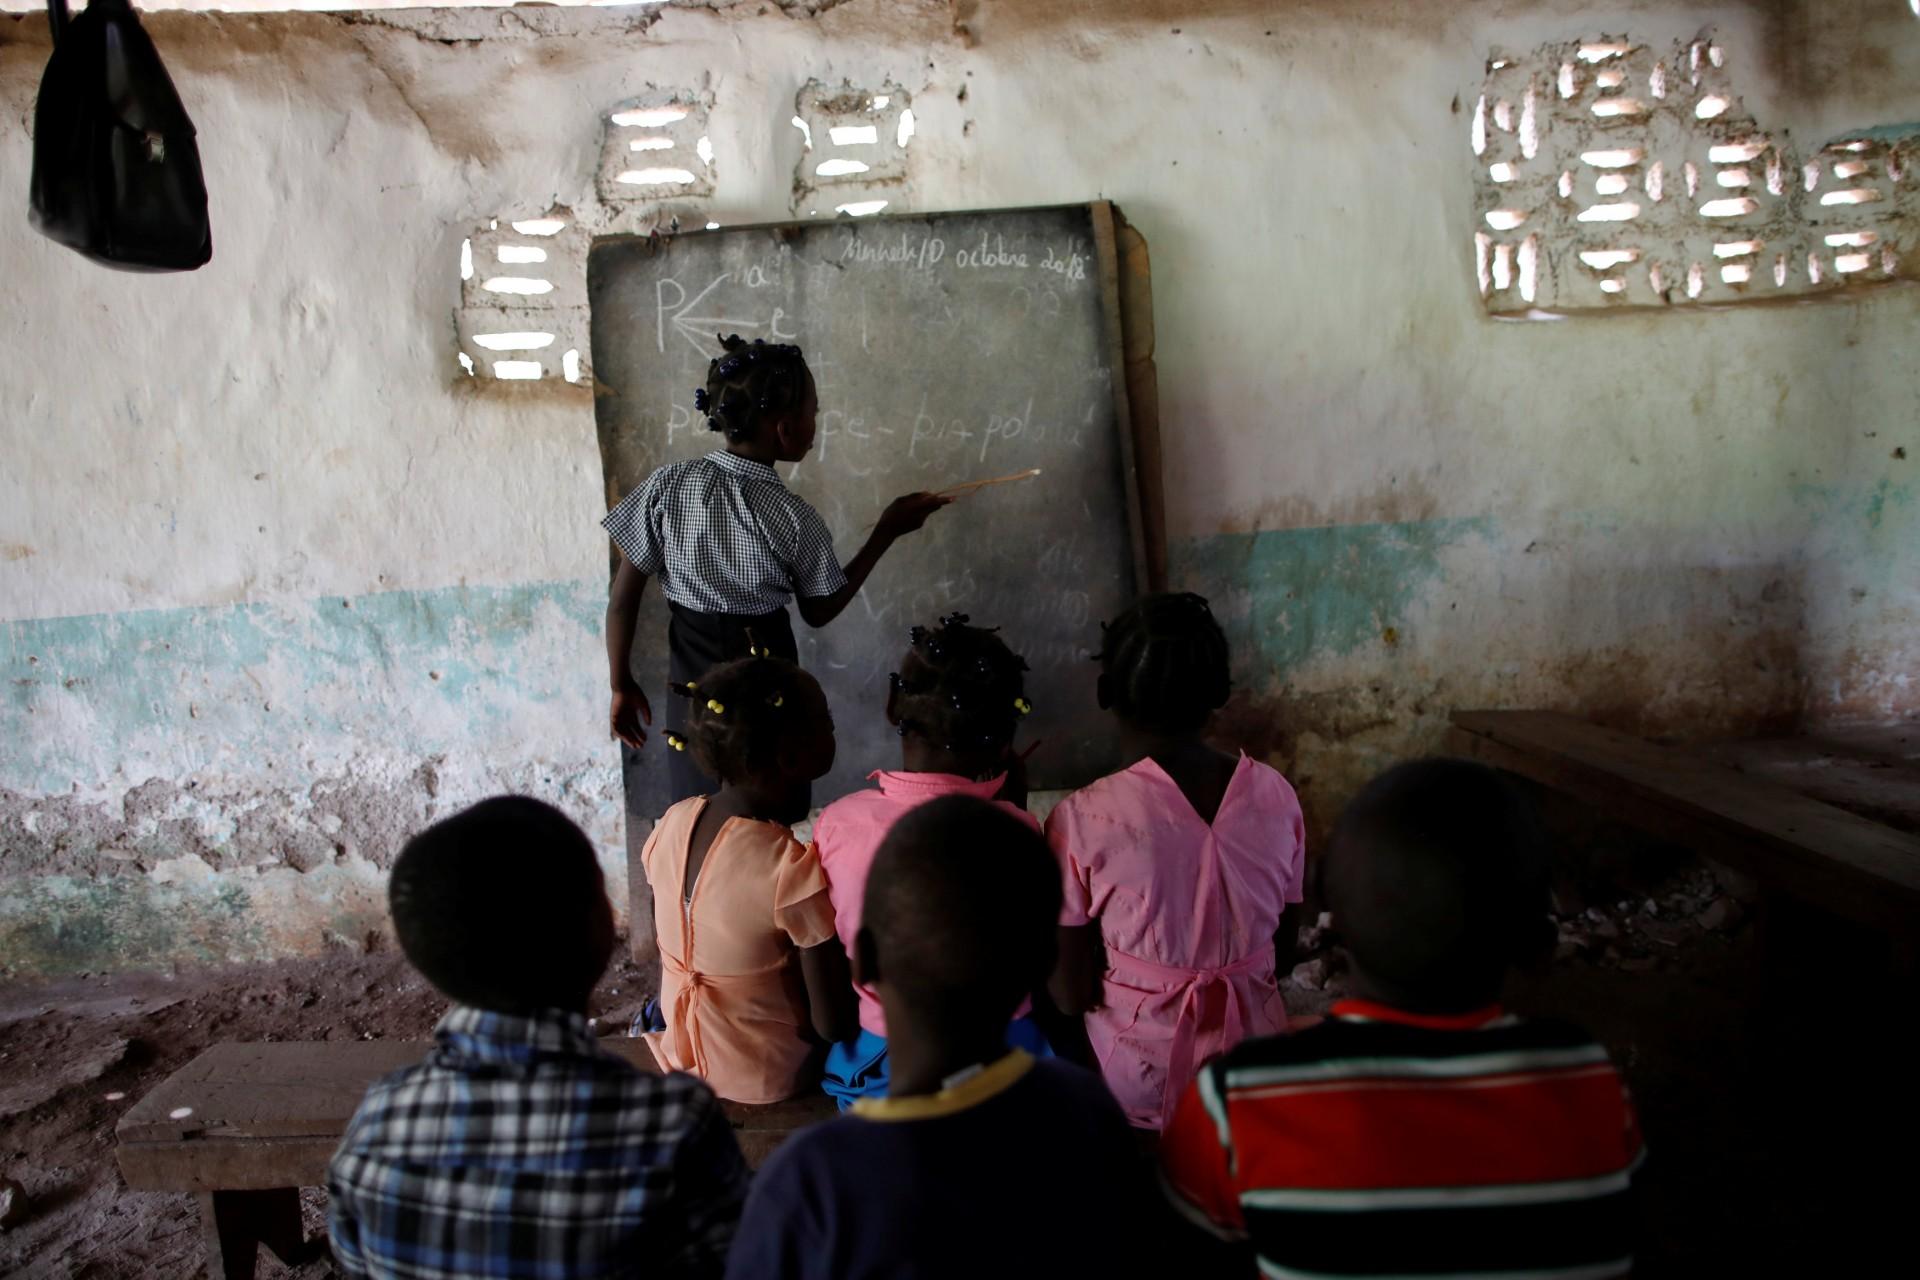 Los niños asisten a una clase en la escuela en una iglesia bautista en Boucan Ferdinand, Haití, 10 de octubre de 2018.